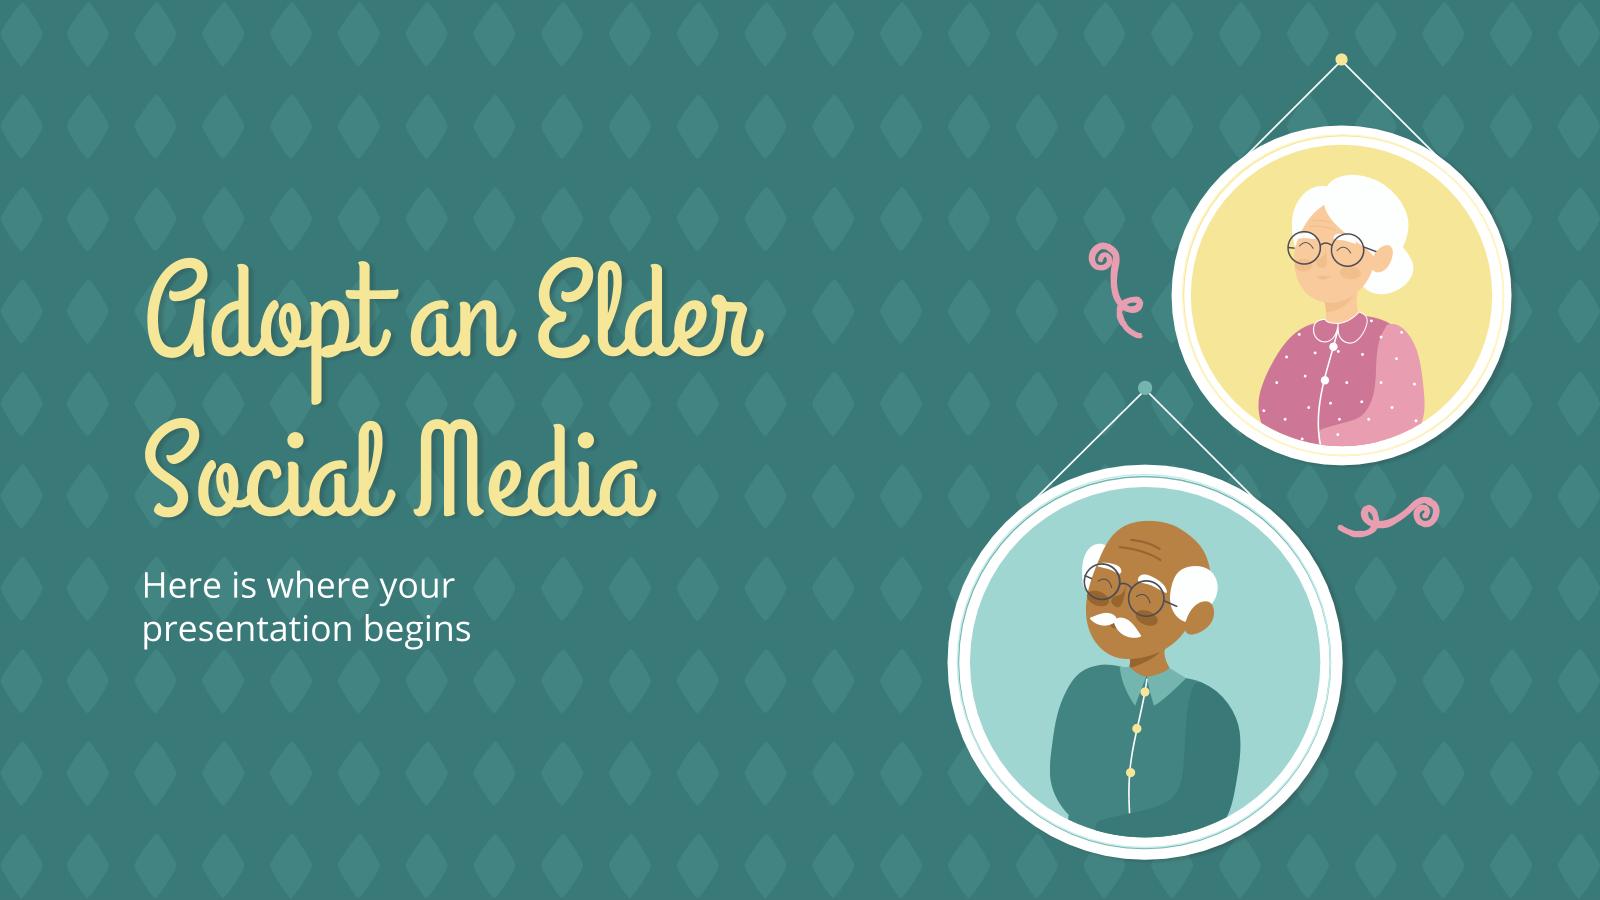 Réseaux sociaux : Adopter un ancien : Modèles de présentation